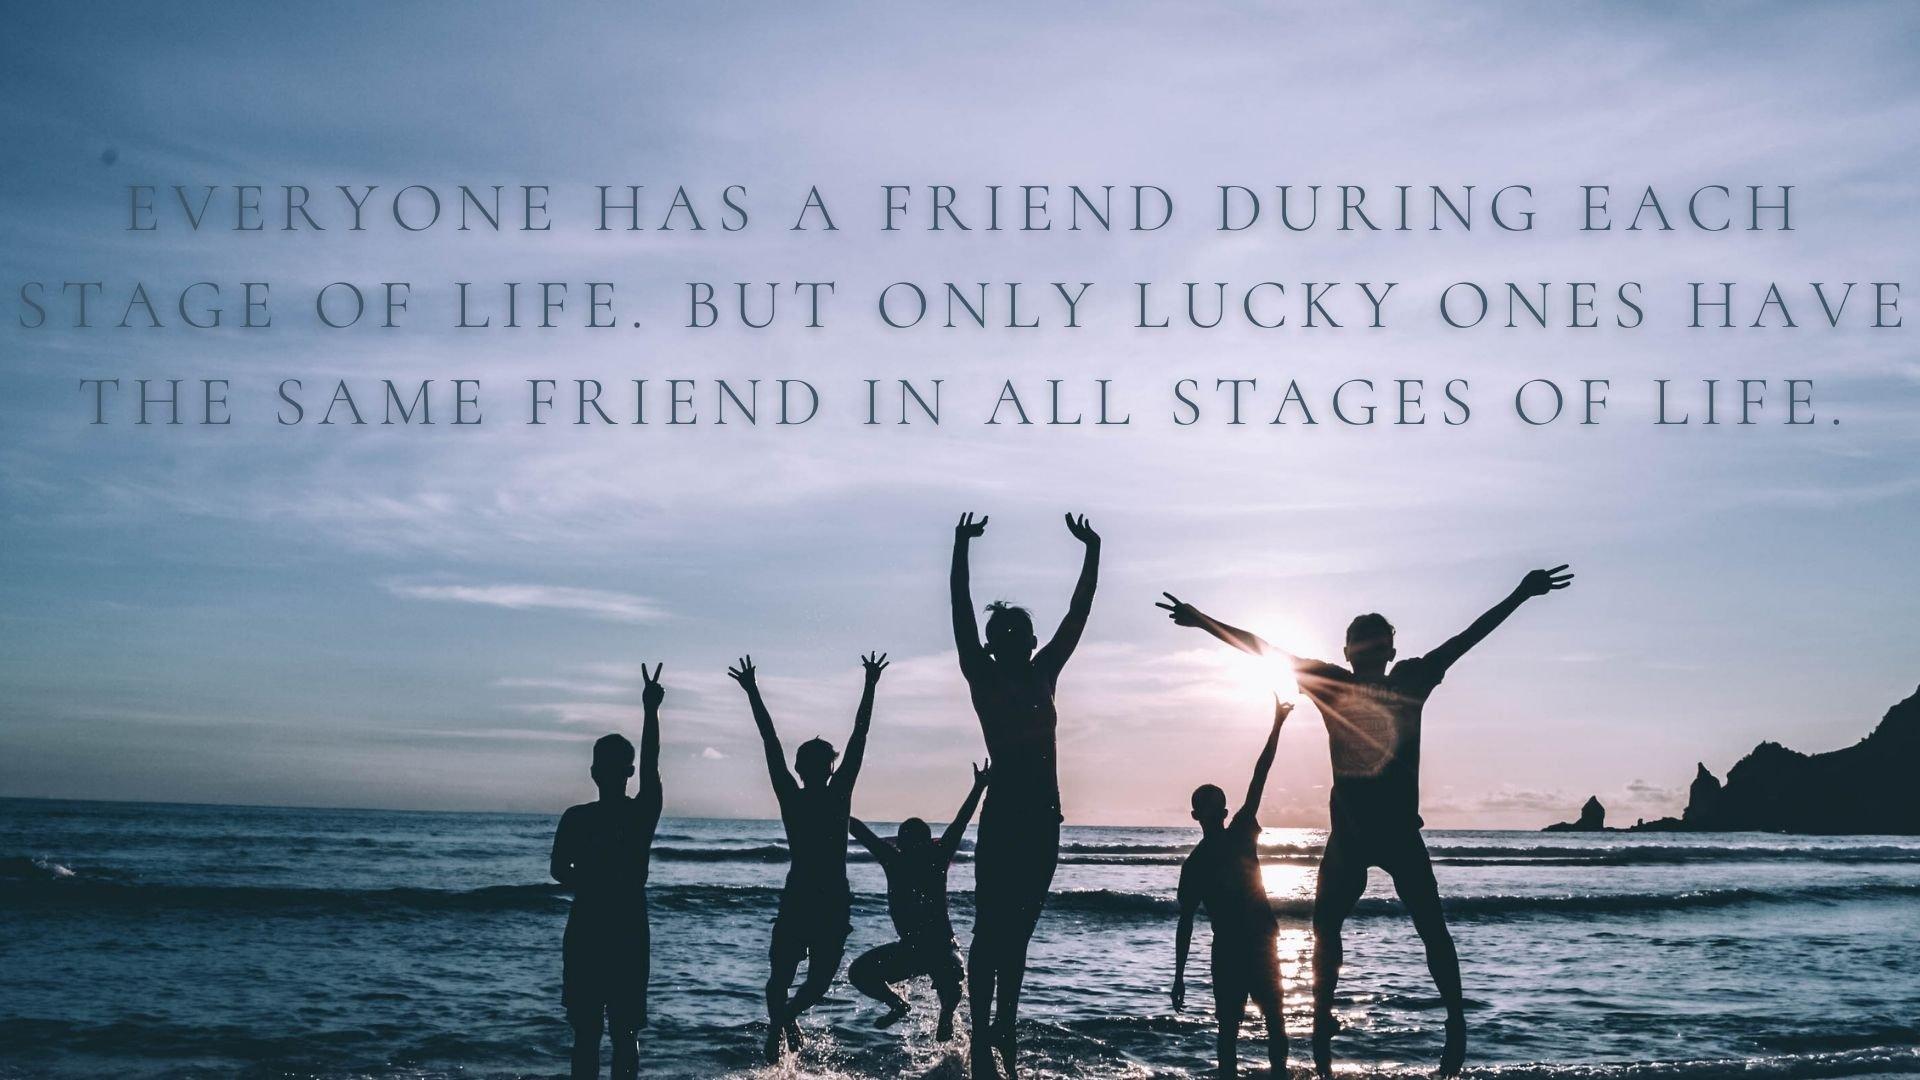 мотивуючі фрази на англійській про дружбу, короткі цитати на англійській про дружбу